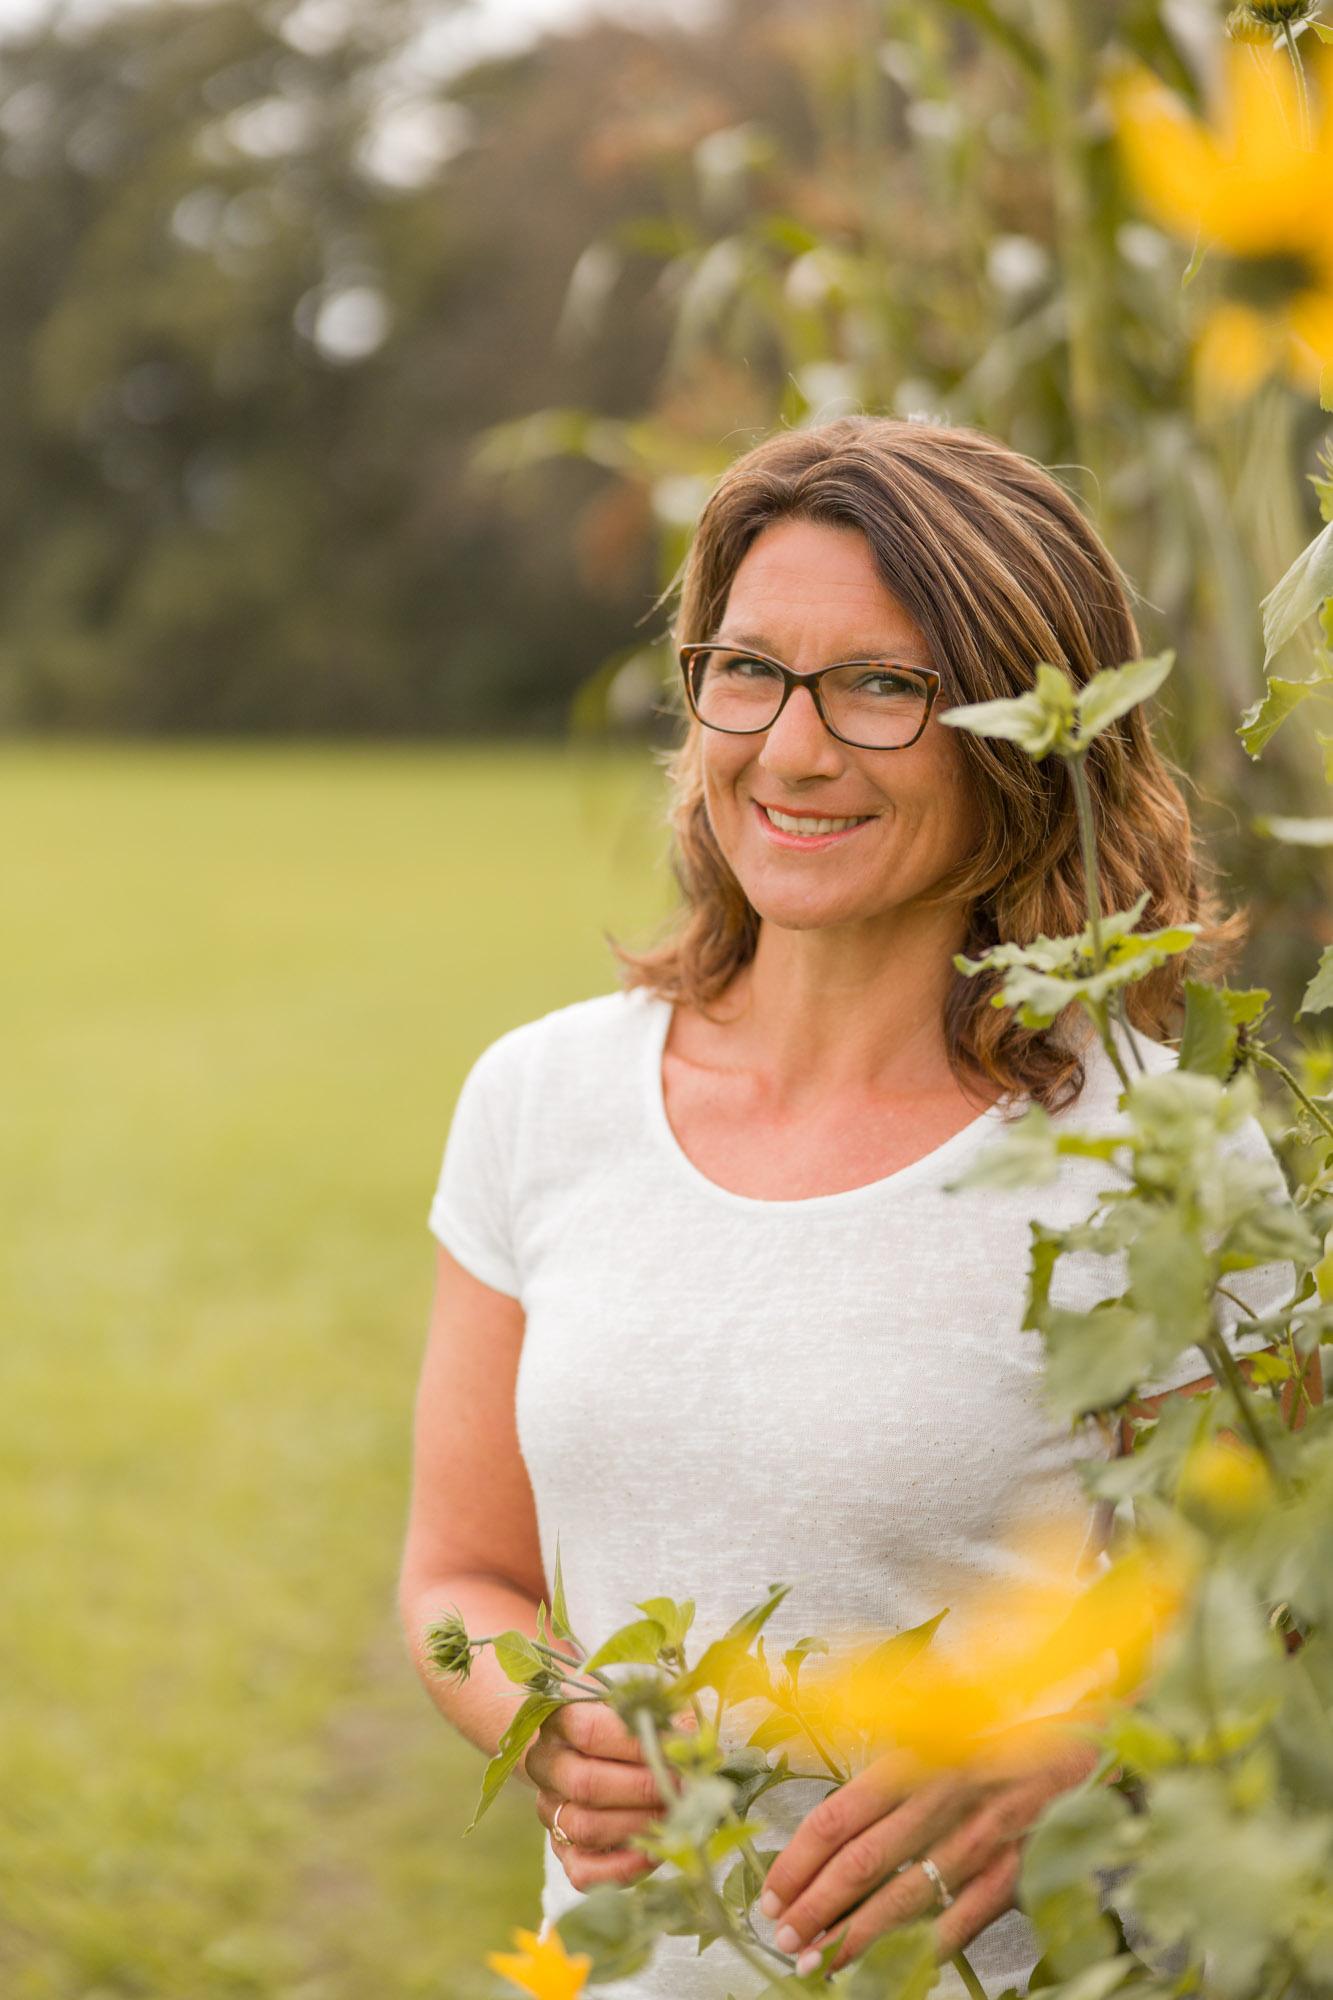 zomers portret van lachende vrouw bij zonnebloemen door MayraFotografie